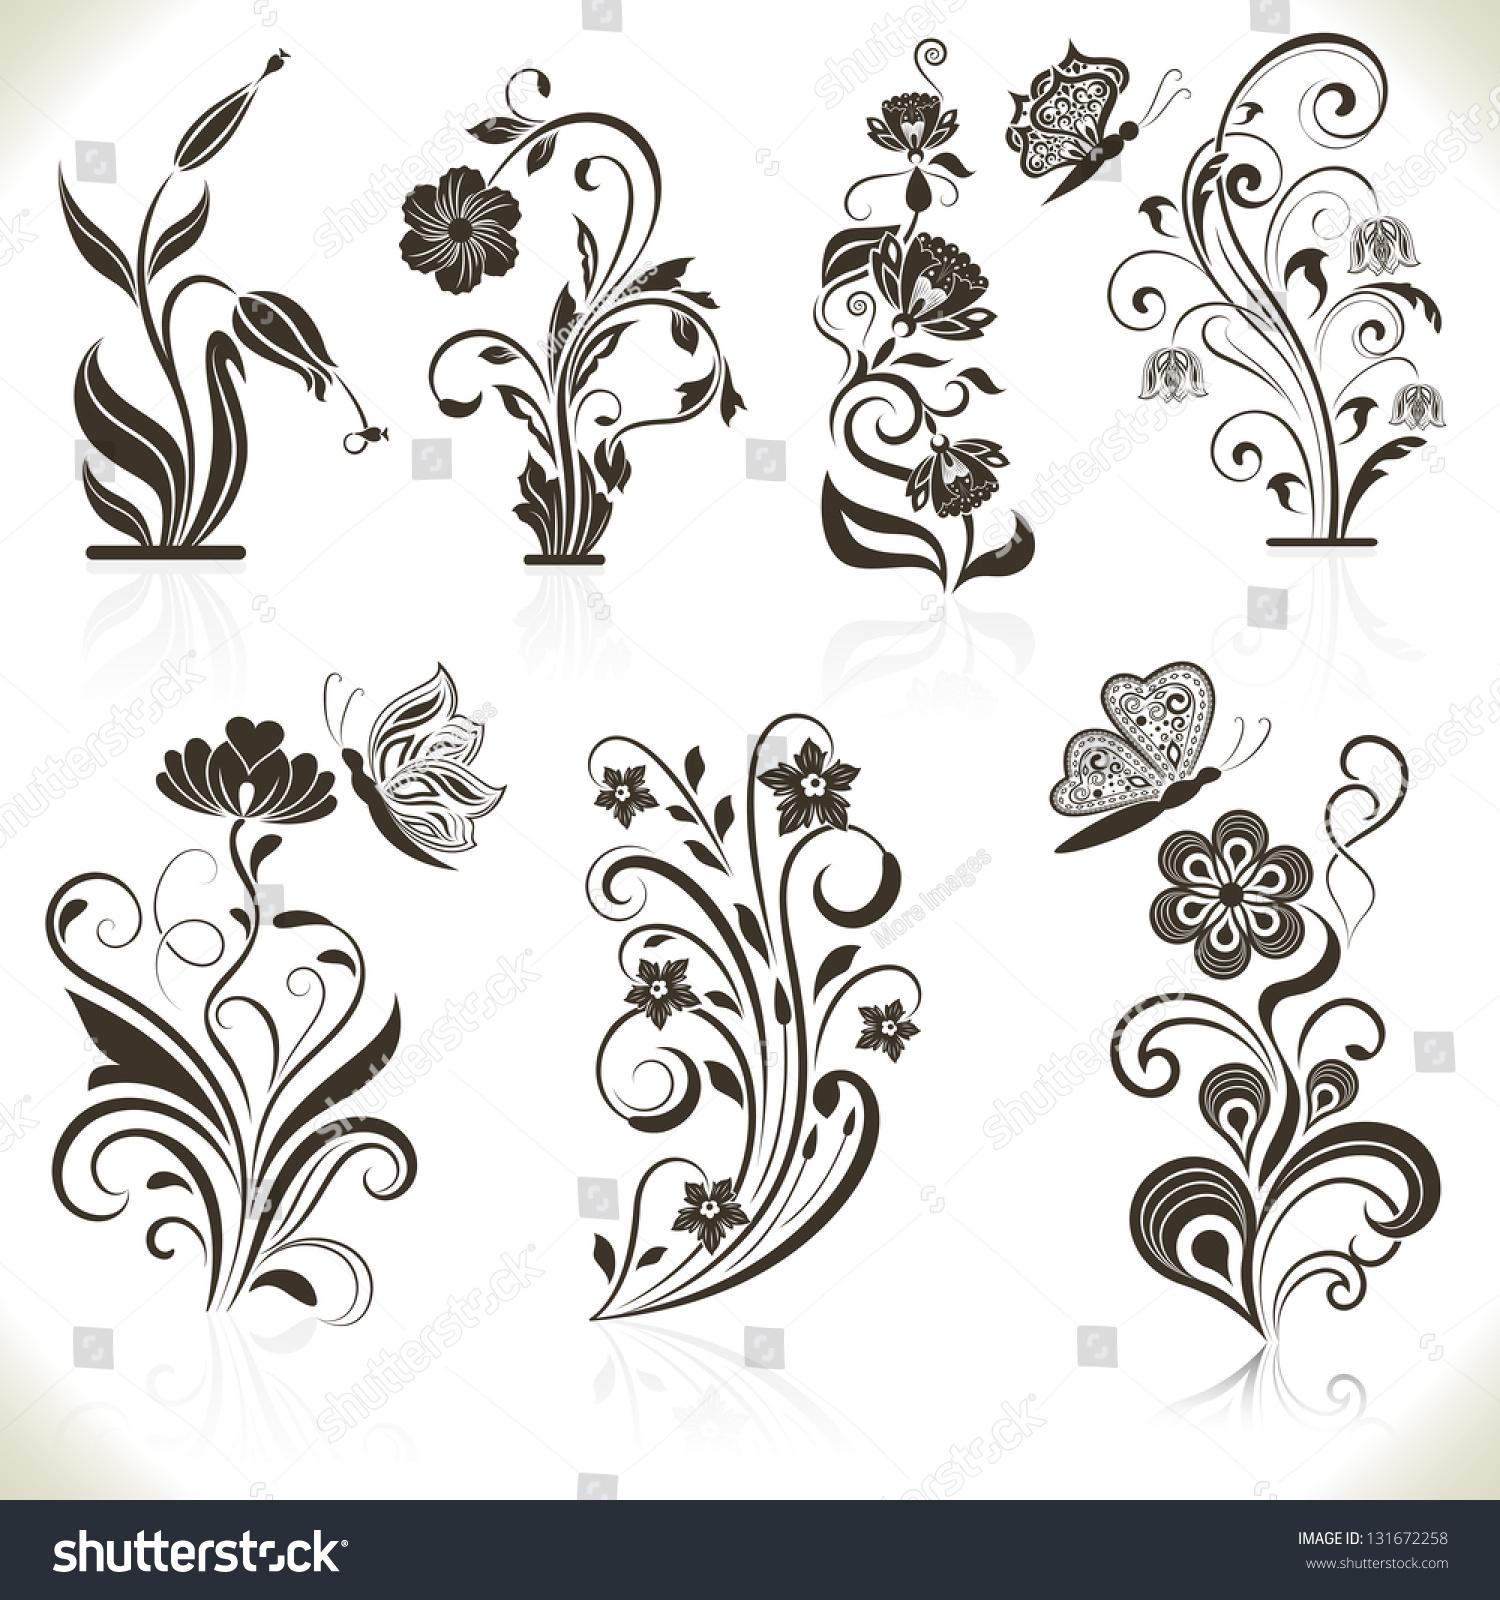 Set Of Black Flower Design Elements Stock Vector: Floral Flower Vector Design Elements Isolated On Aged